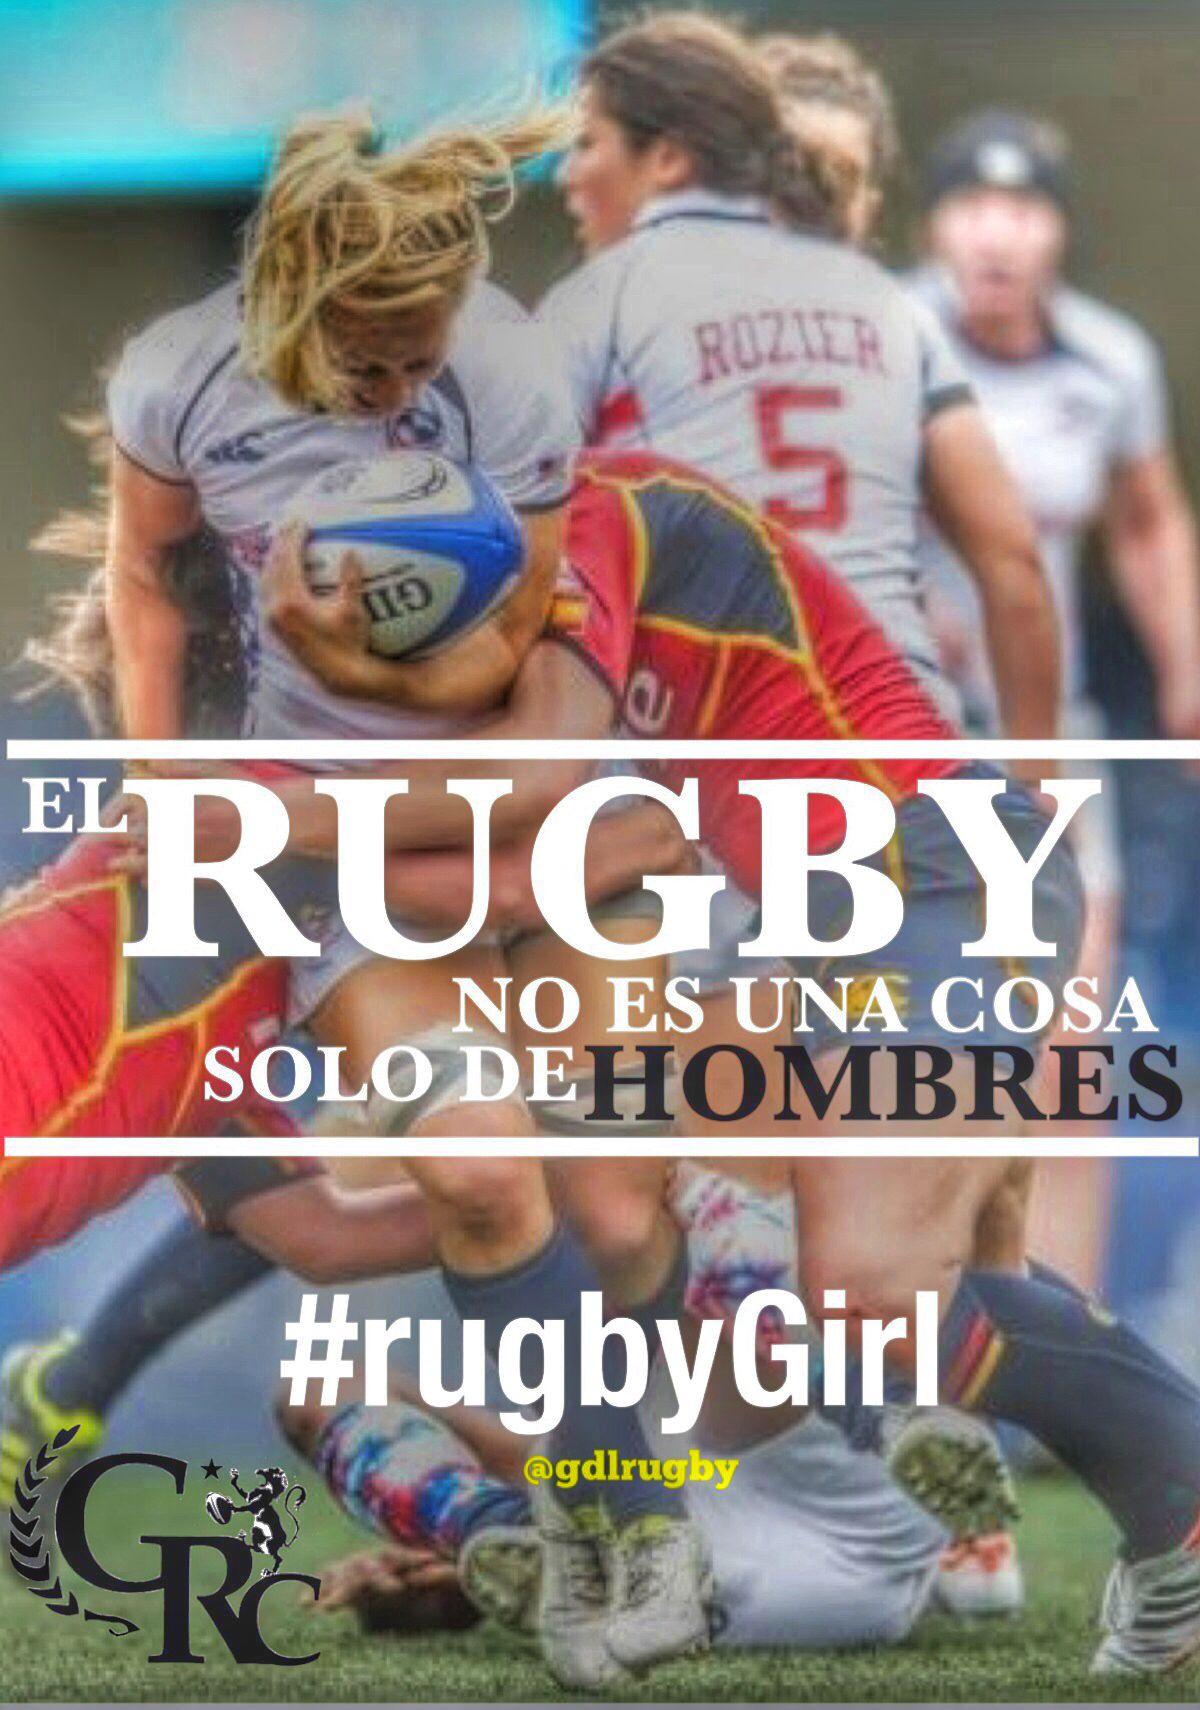 El Rugby no es solo cosa de hombres.  #playrugby #rugbygirl #rugby